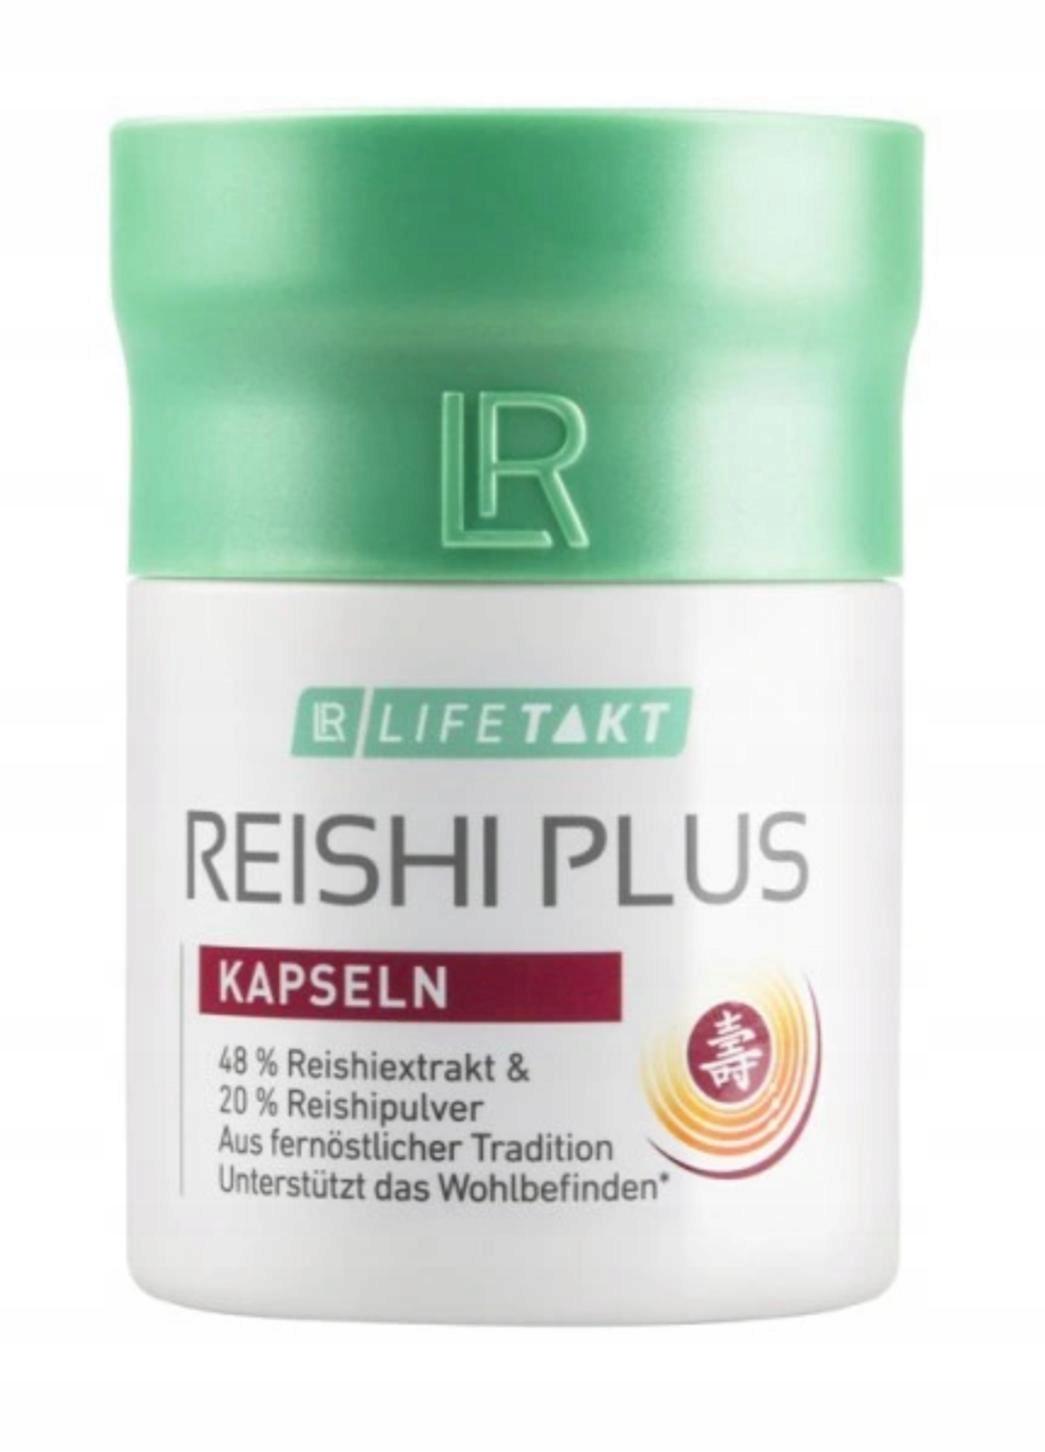 Reishi Plus Grzybki LR Health & Beauty